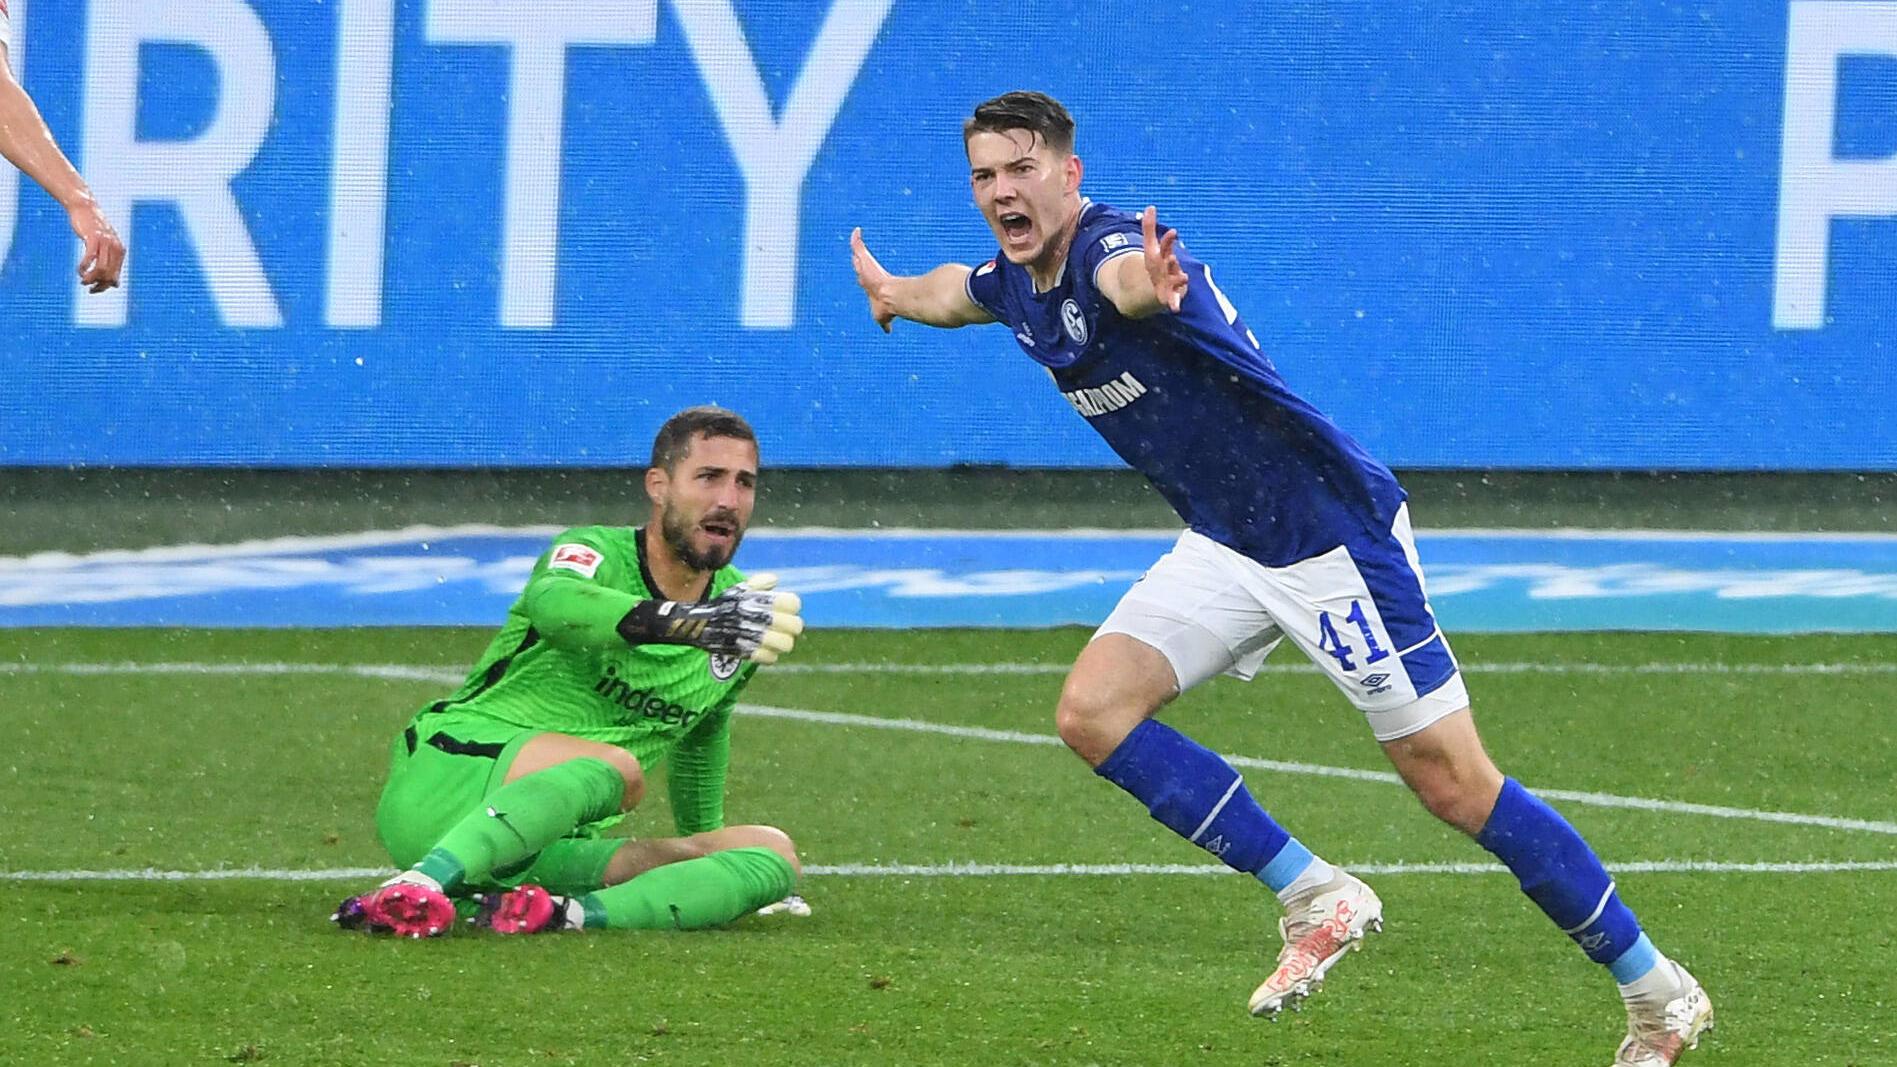 Schalke 04 besiegt Eintracht Frankfurt und bekommt dennoch eine bittere Erkenntnis